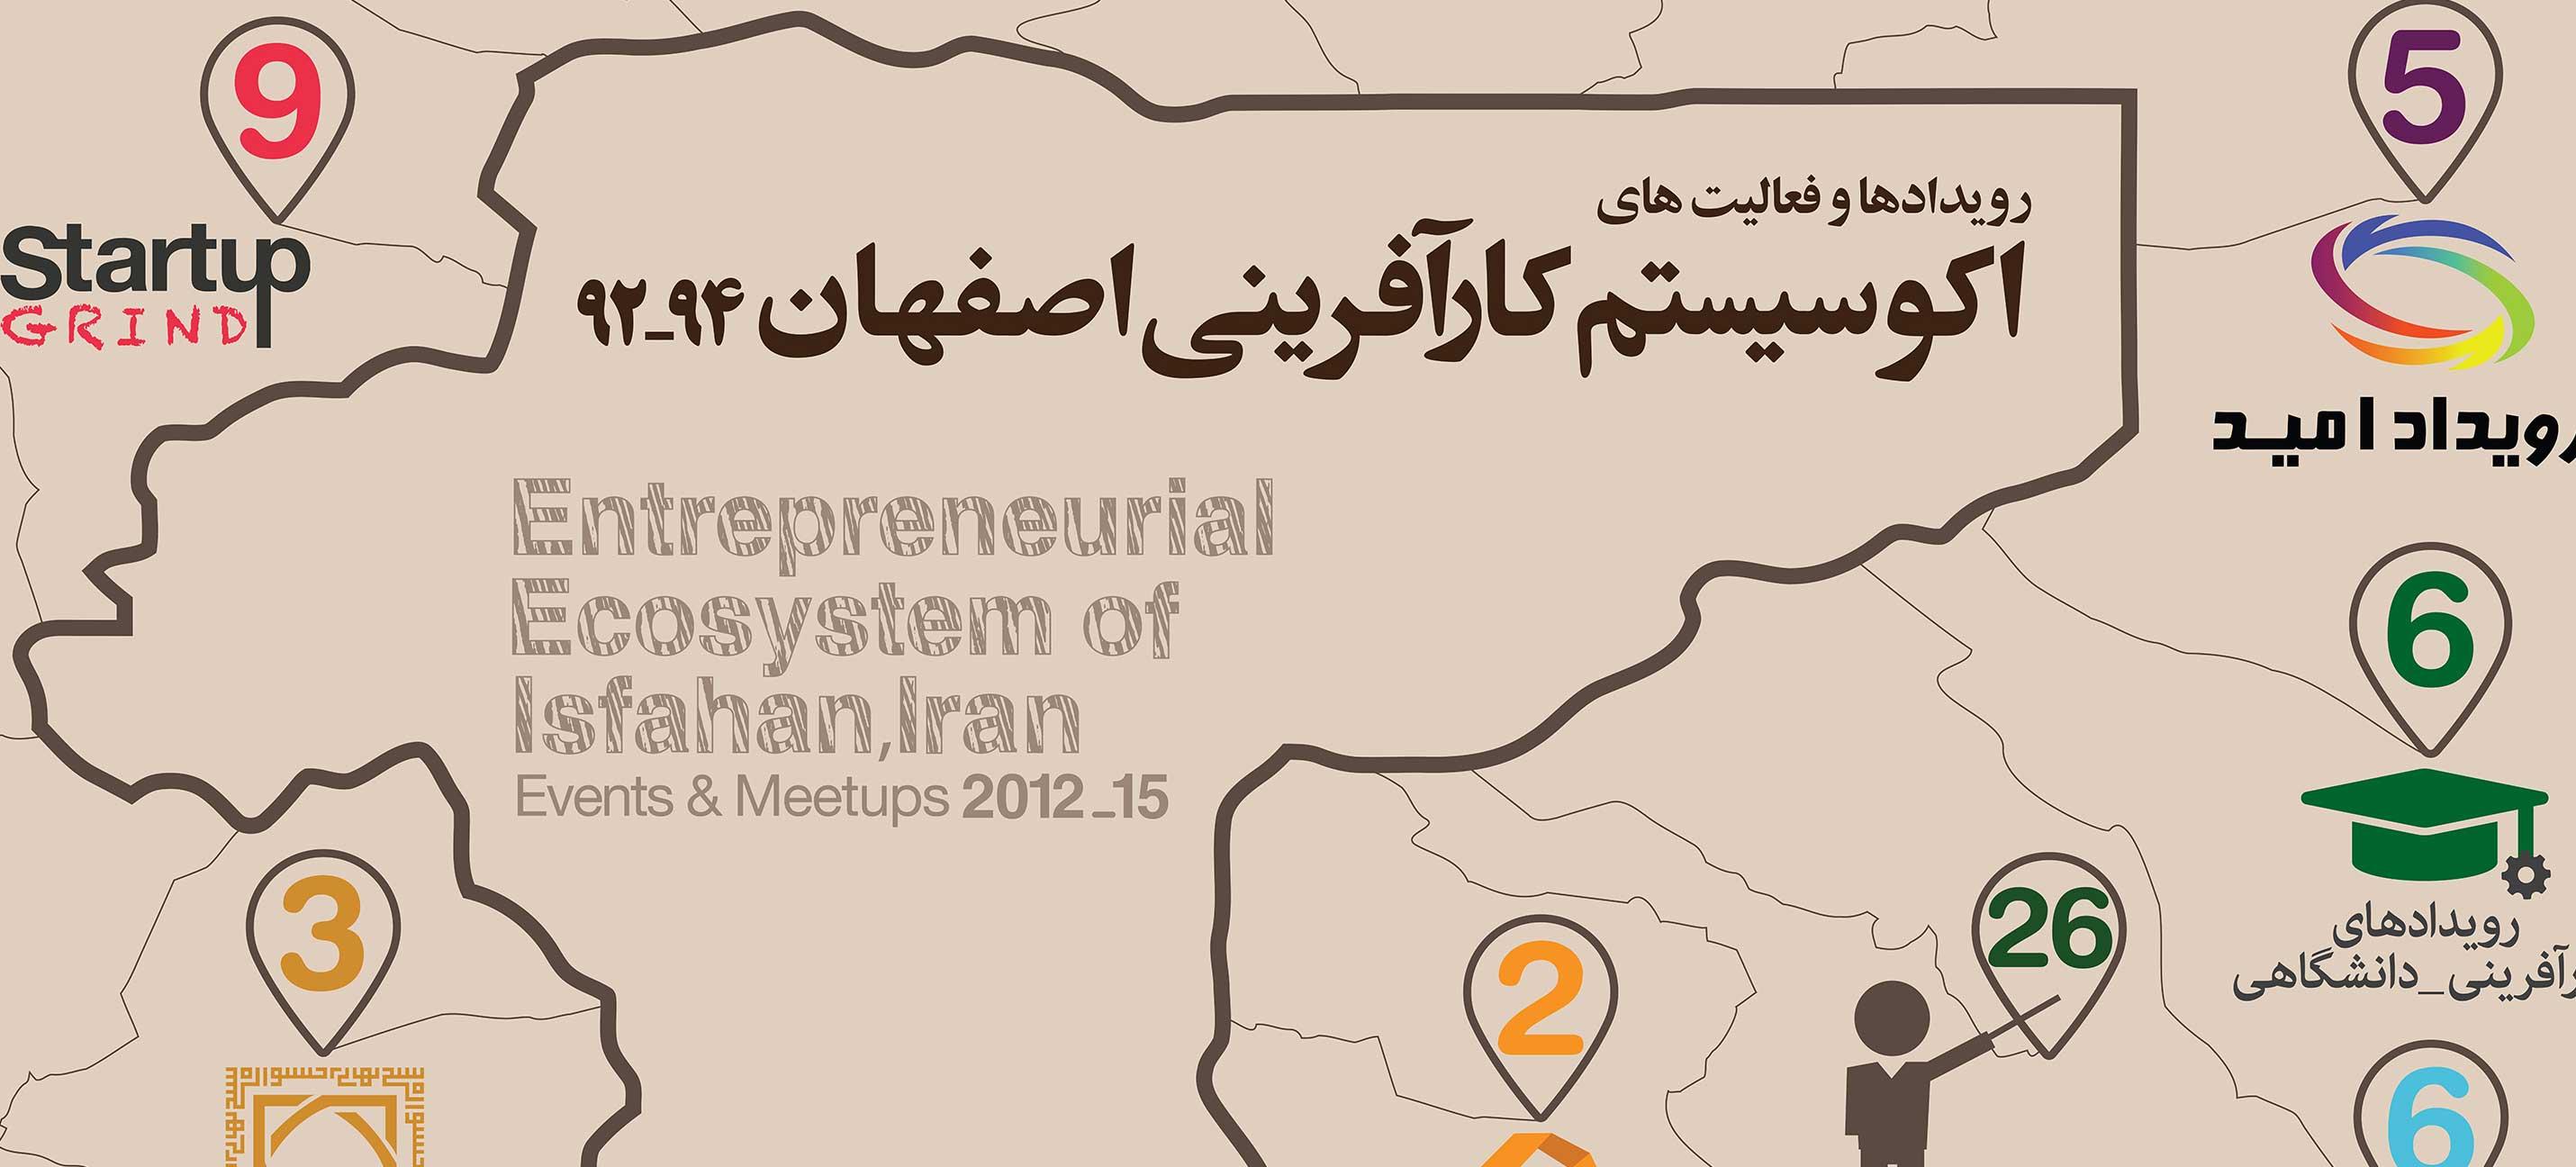 فعالیت های اکوسیستم کارآفرینی اصفهان